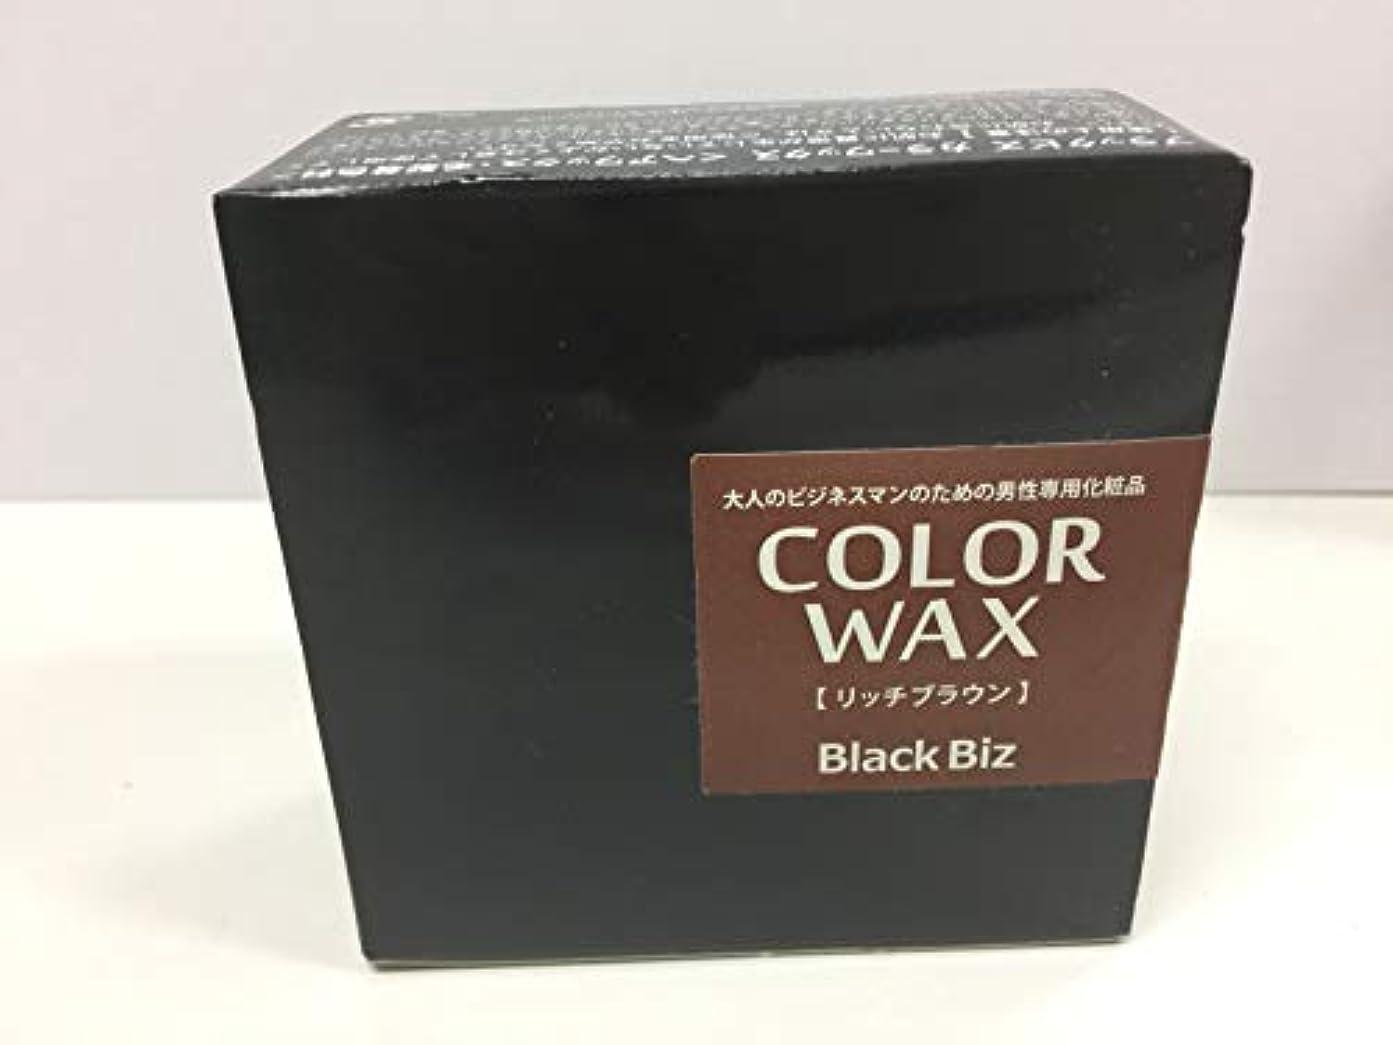 レイプ瞑想する酸化する大人のビジネスマンのための男性専用化粧品 BlackBiz COLOR WAX ブラックビズ カラーワックス 【リッチブラウン】